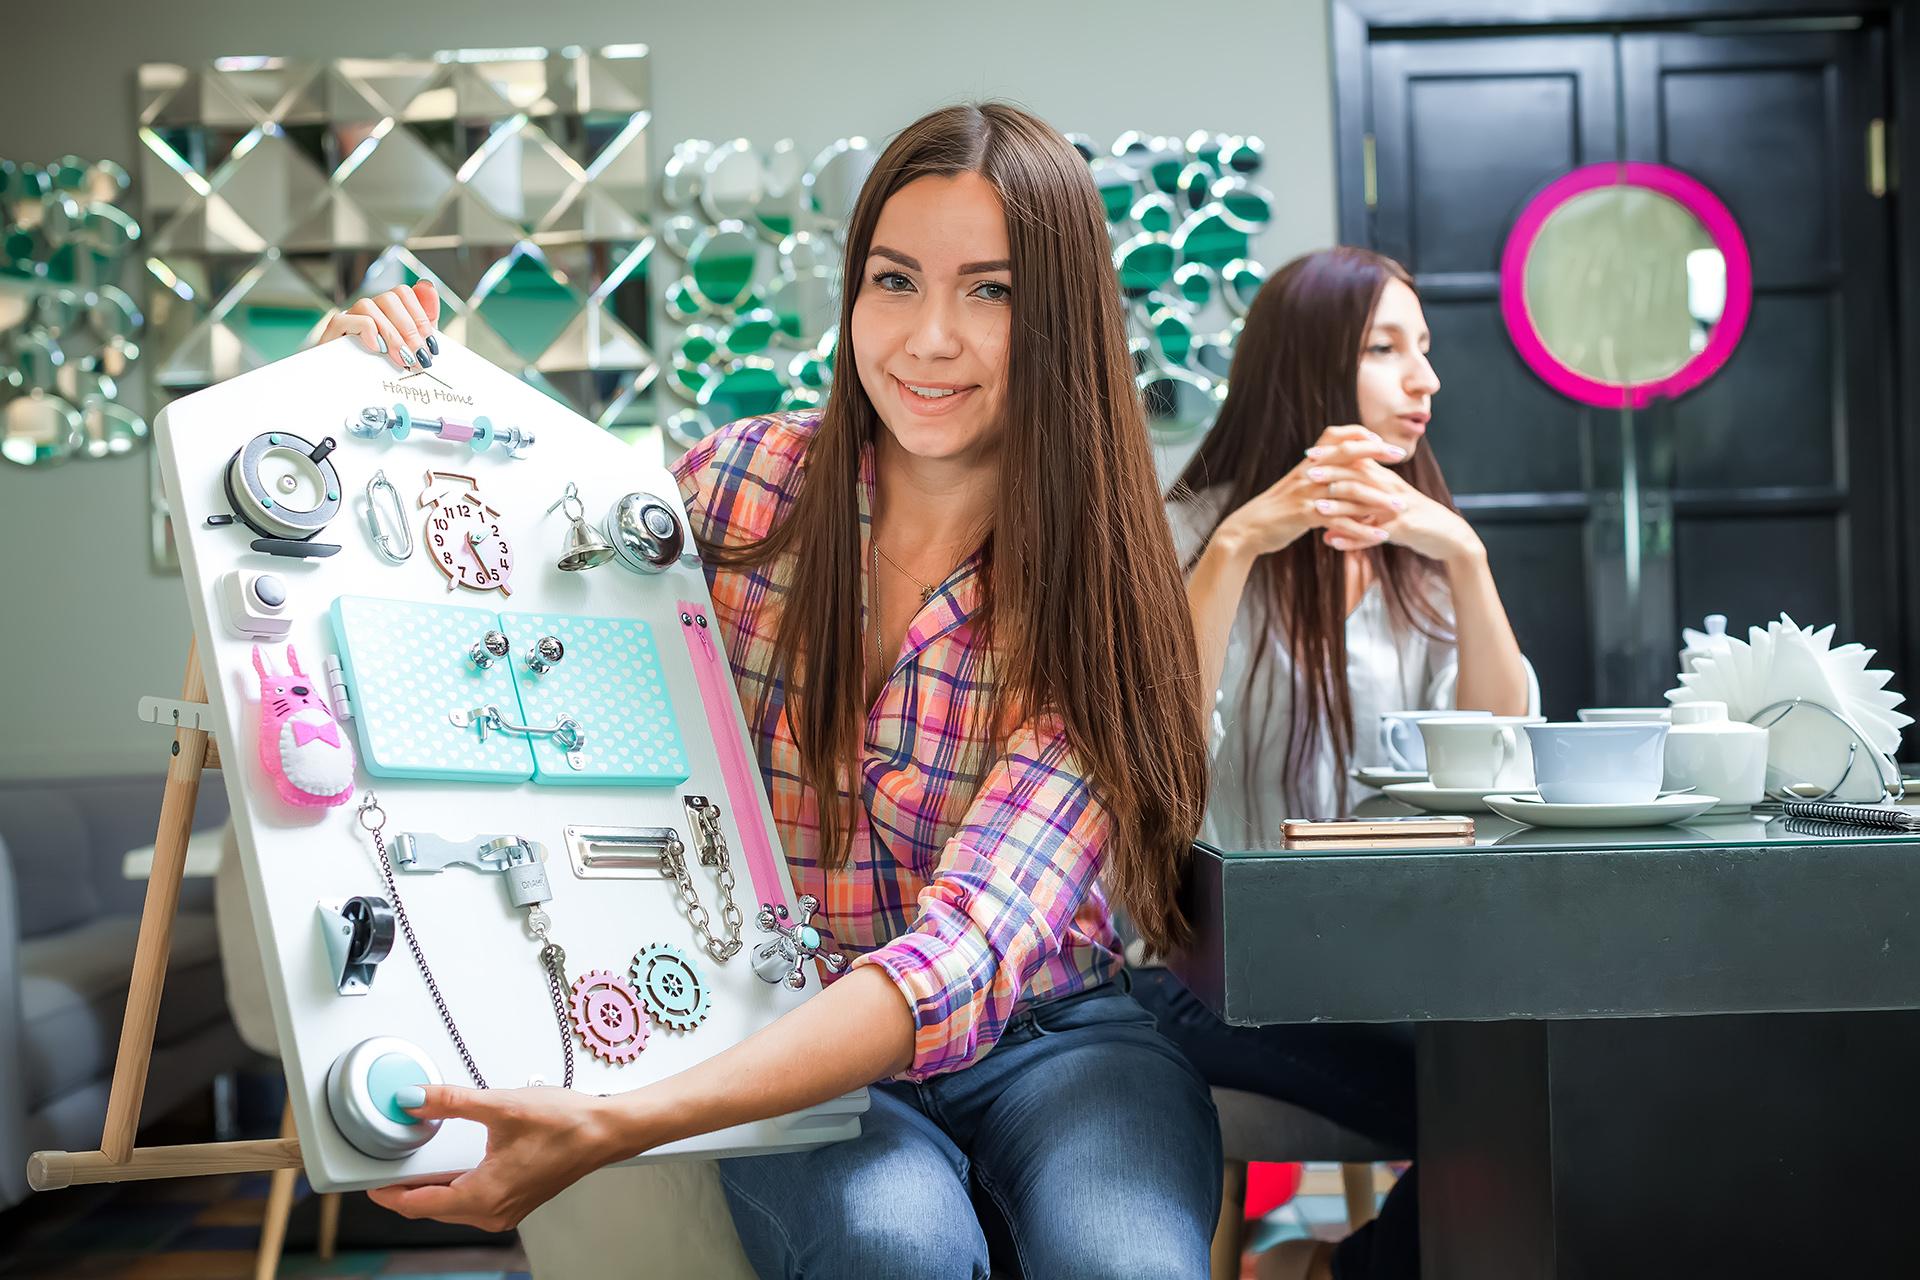 Сёстры проводят в соцсетях конкурсы и дарят победителям бизиборды